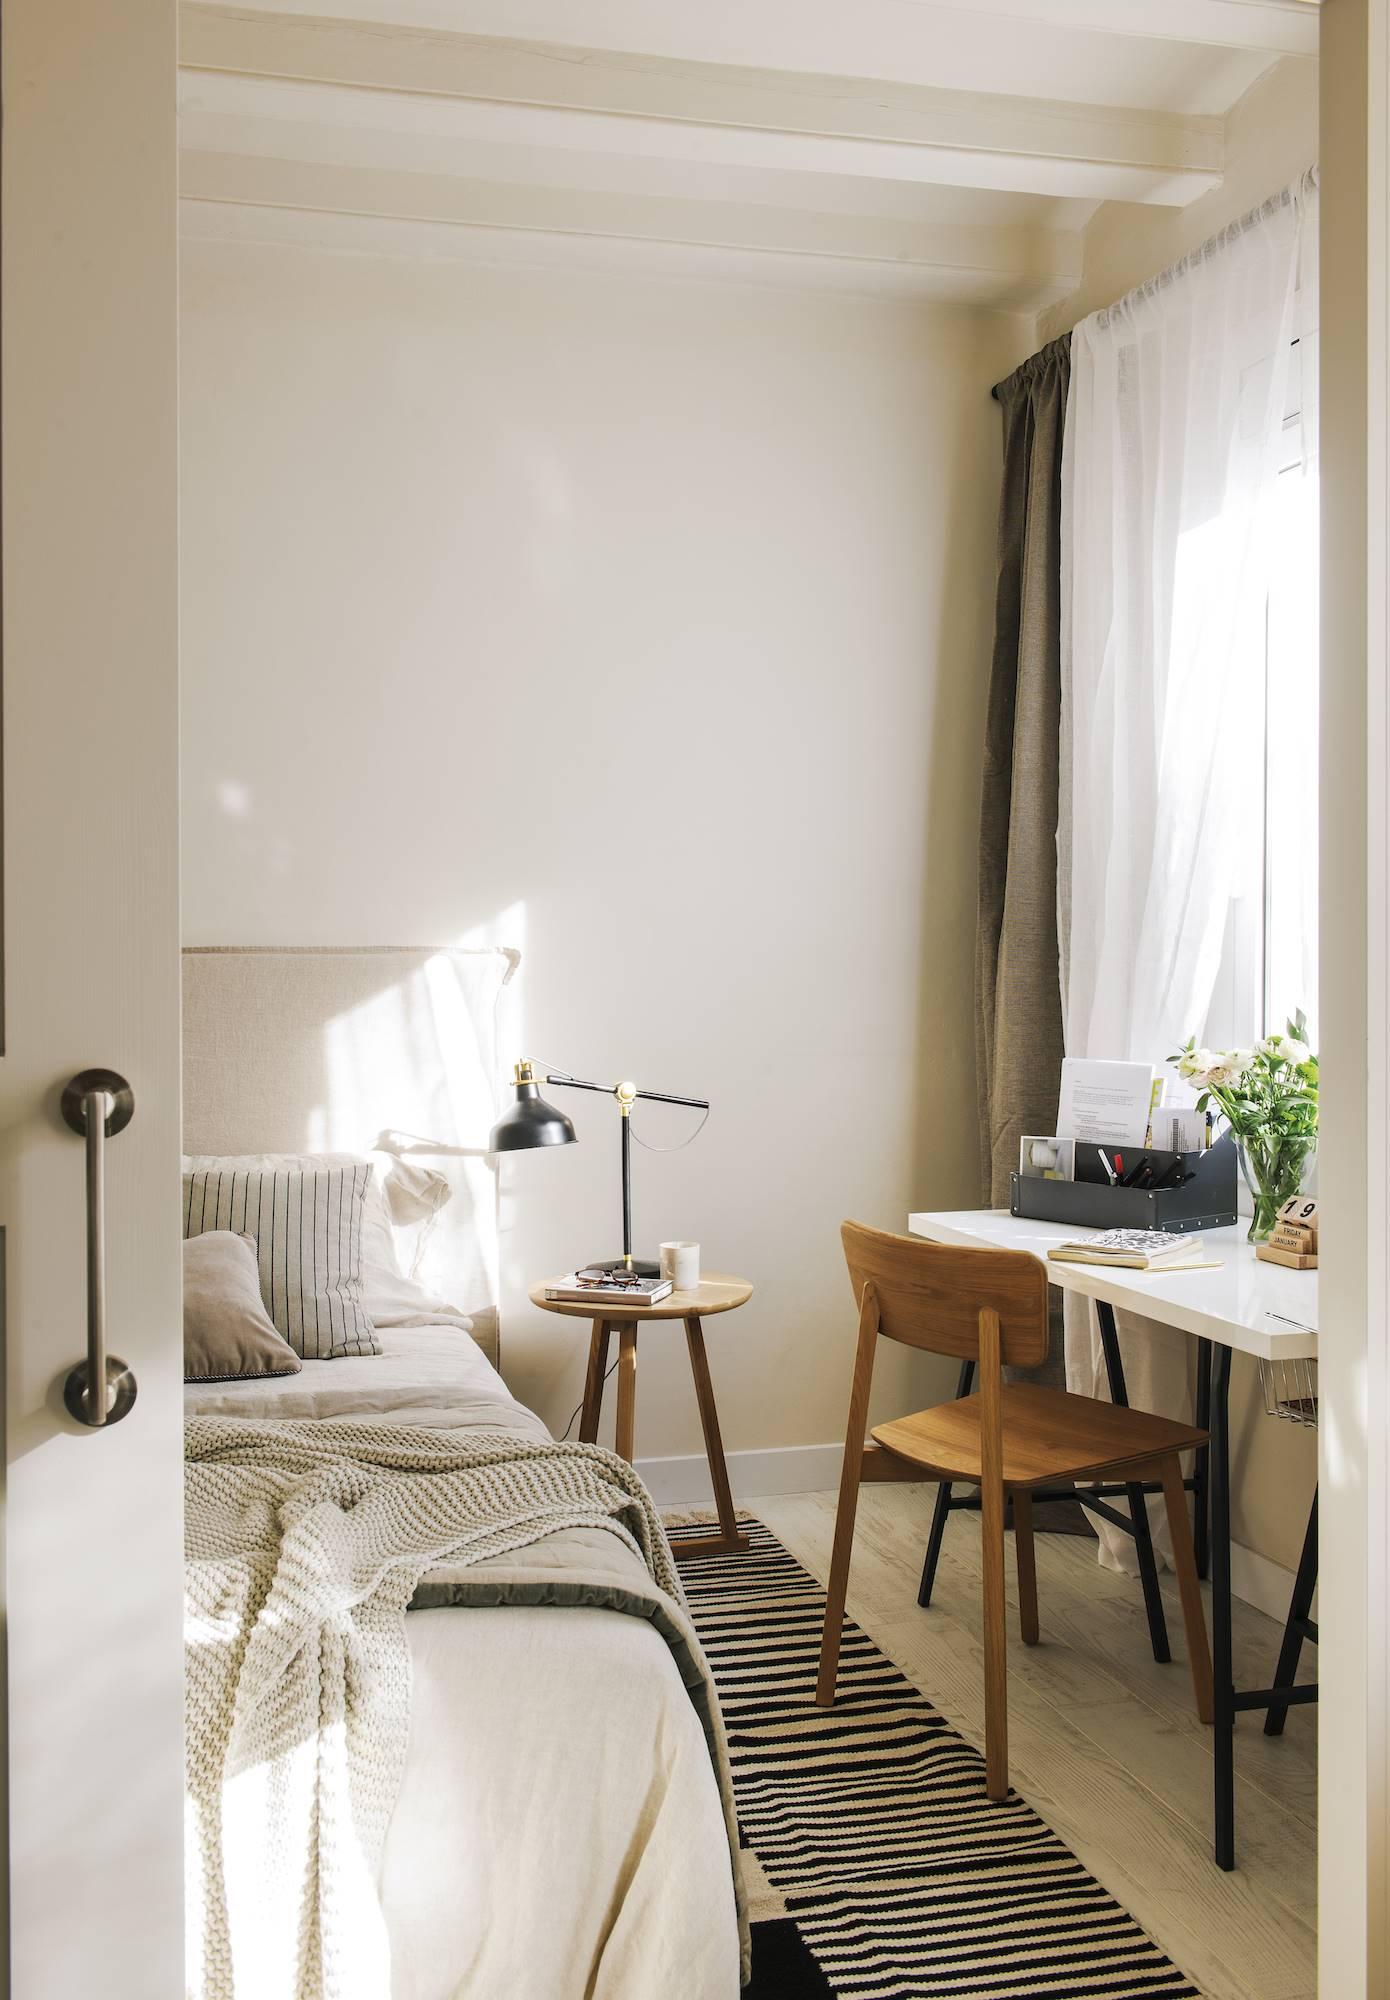 dormitorio blanco con toques negros 00483036. Con solo un poco de negro